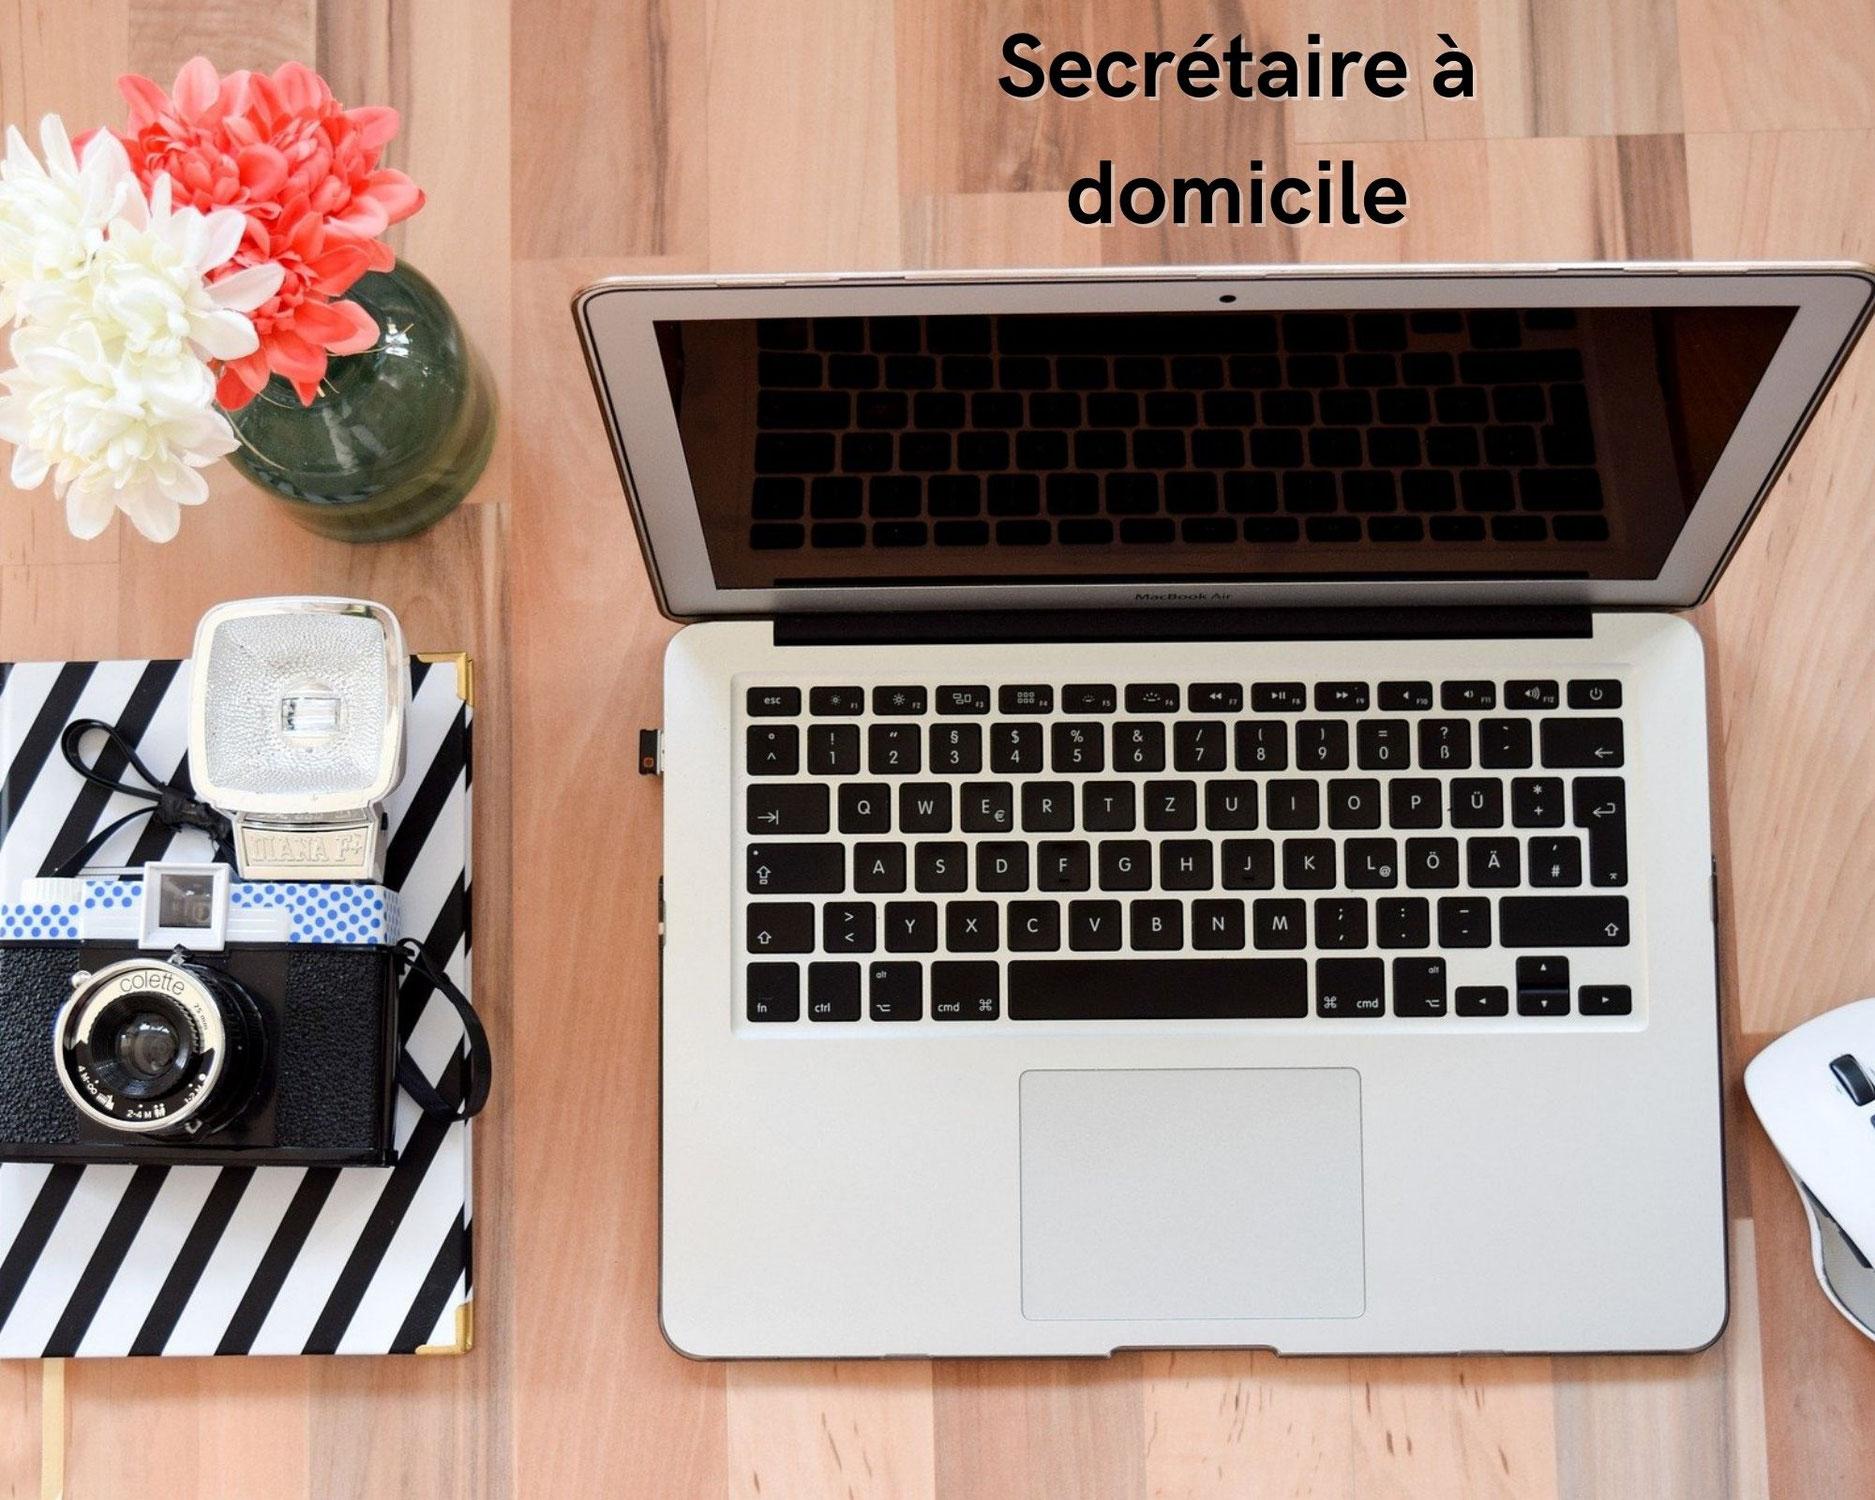 Secrétaire à domicile : Comment se faire de nouveau client ?